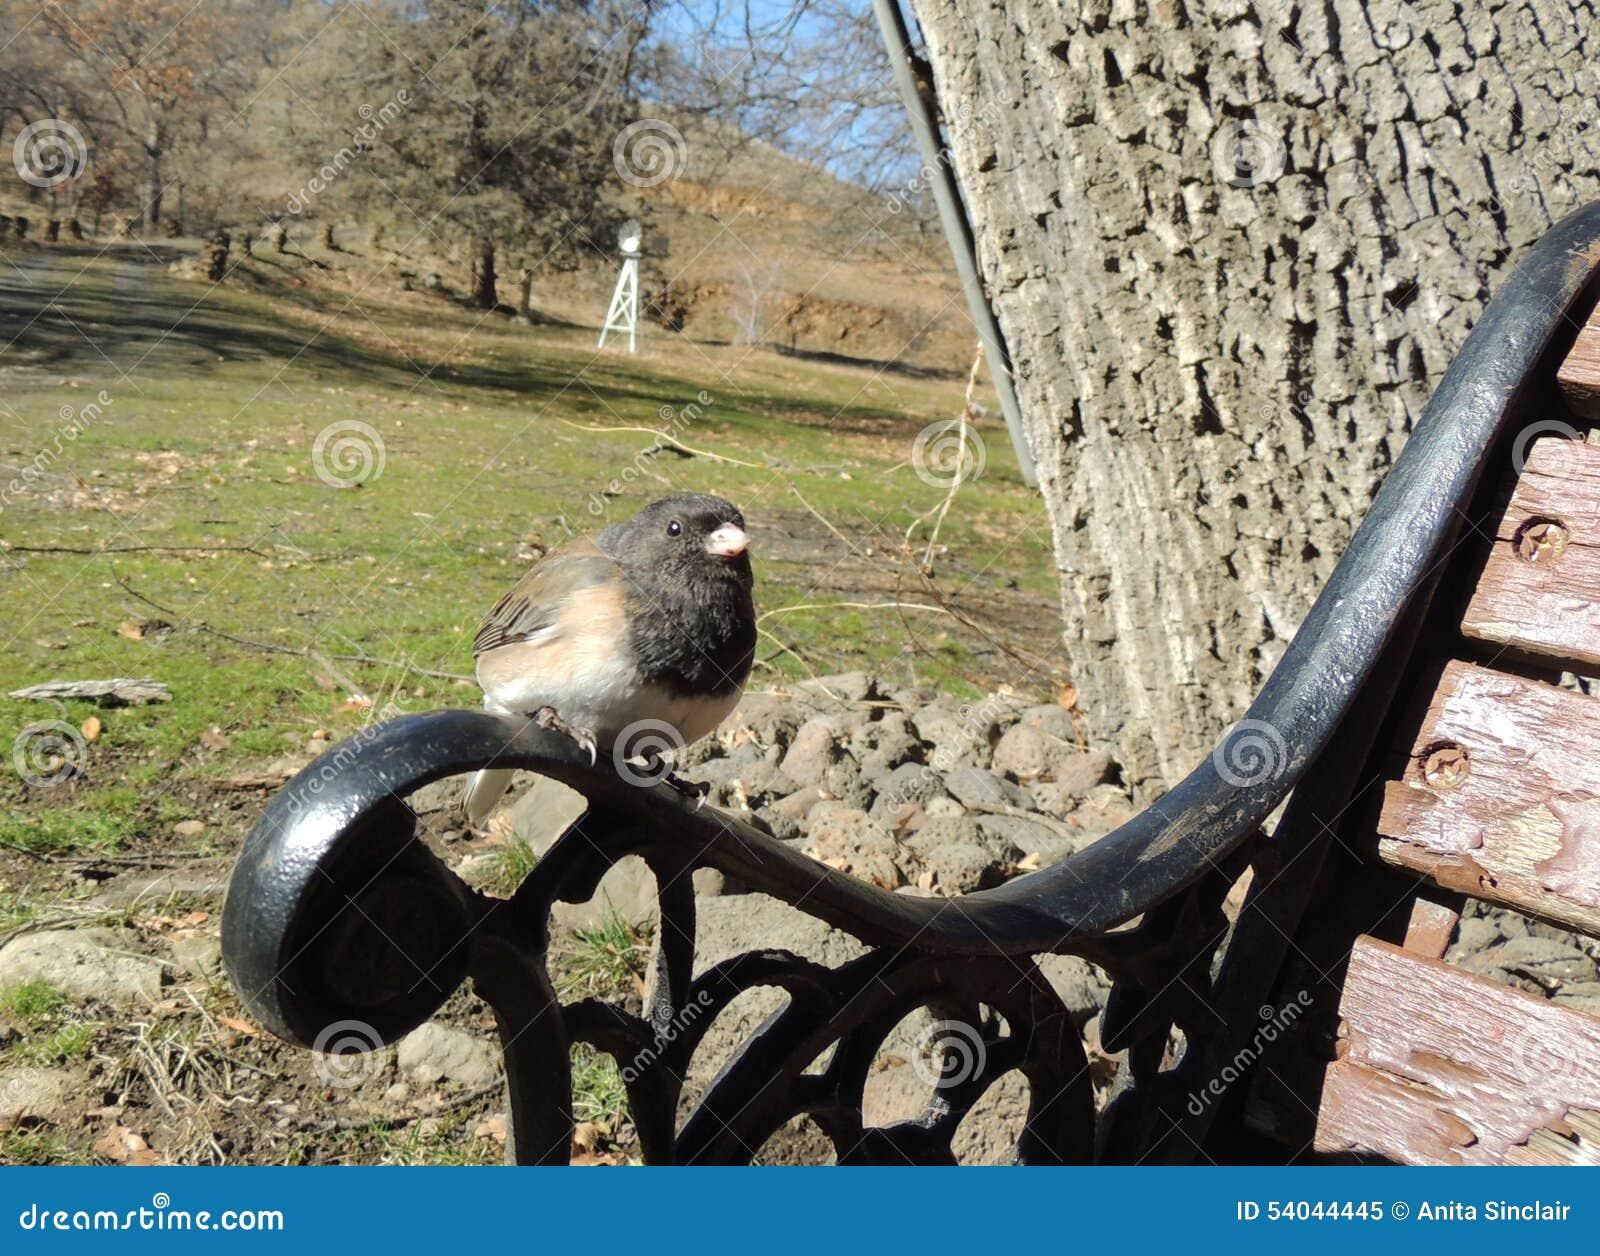 Чернота Орегона наблюдала окуни птицы junco на руке скамейки в парке